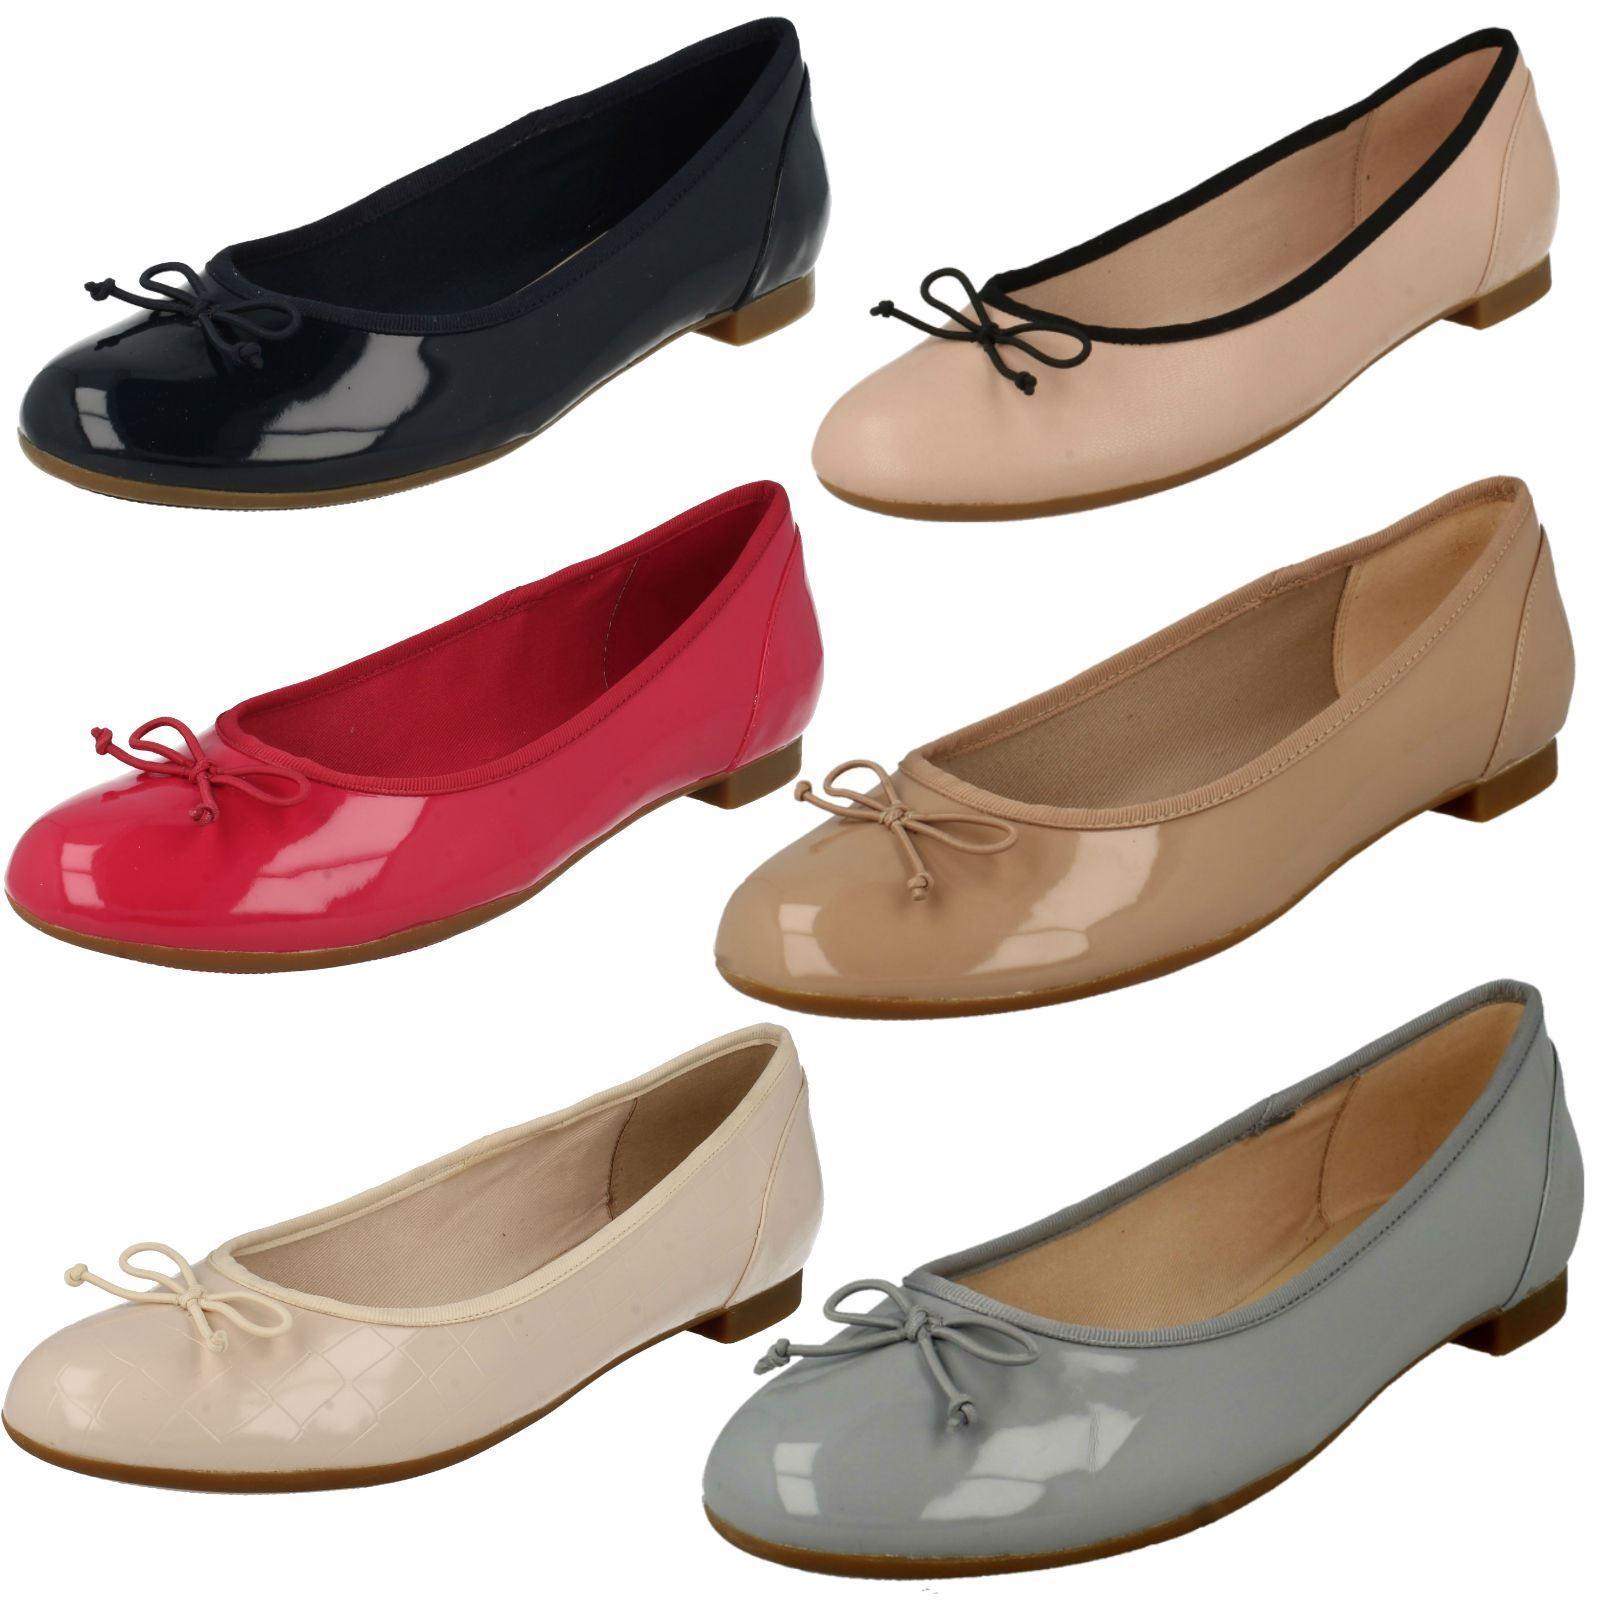 Damas Clarks resbalón en el cuero cuero cuero Arco Bailarina Plana Zapatos De Salón Talla Couture Bloom  ventas en linea